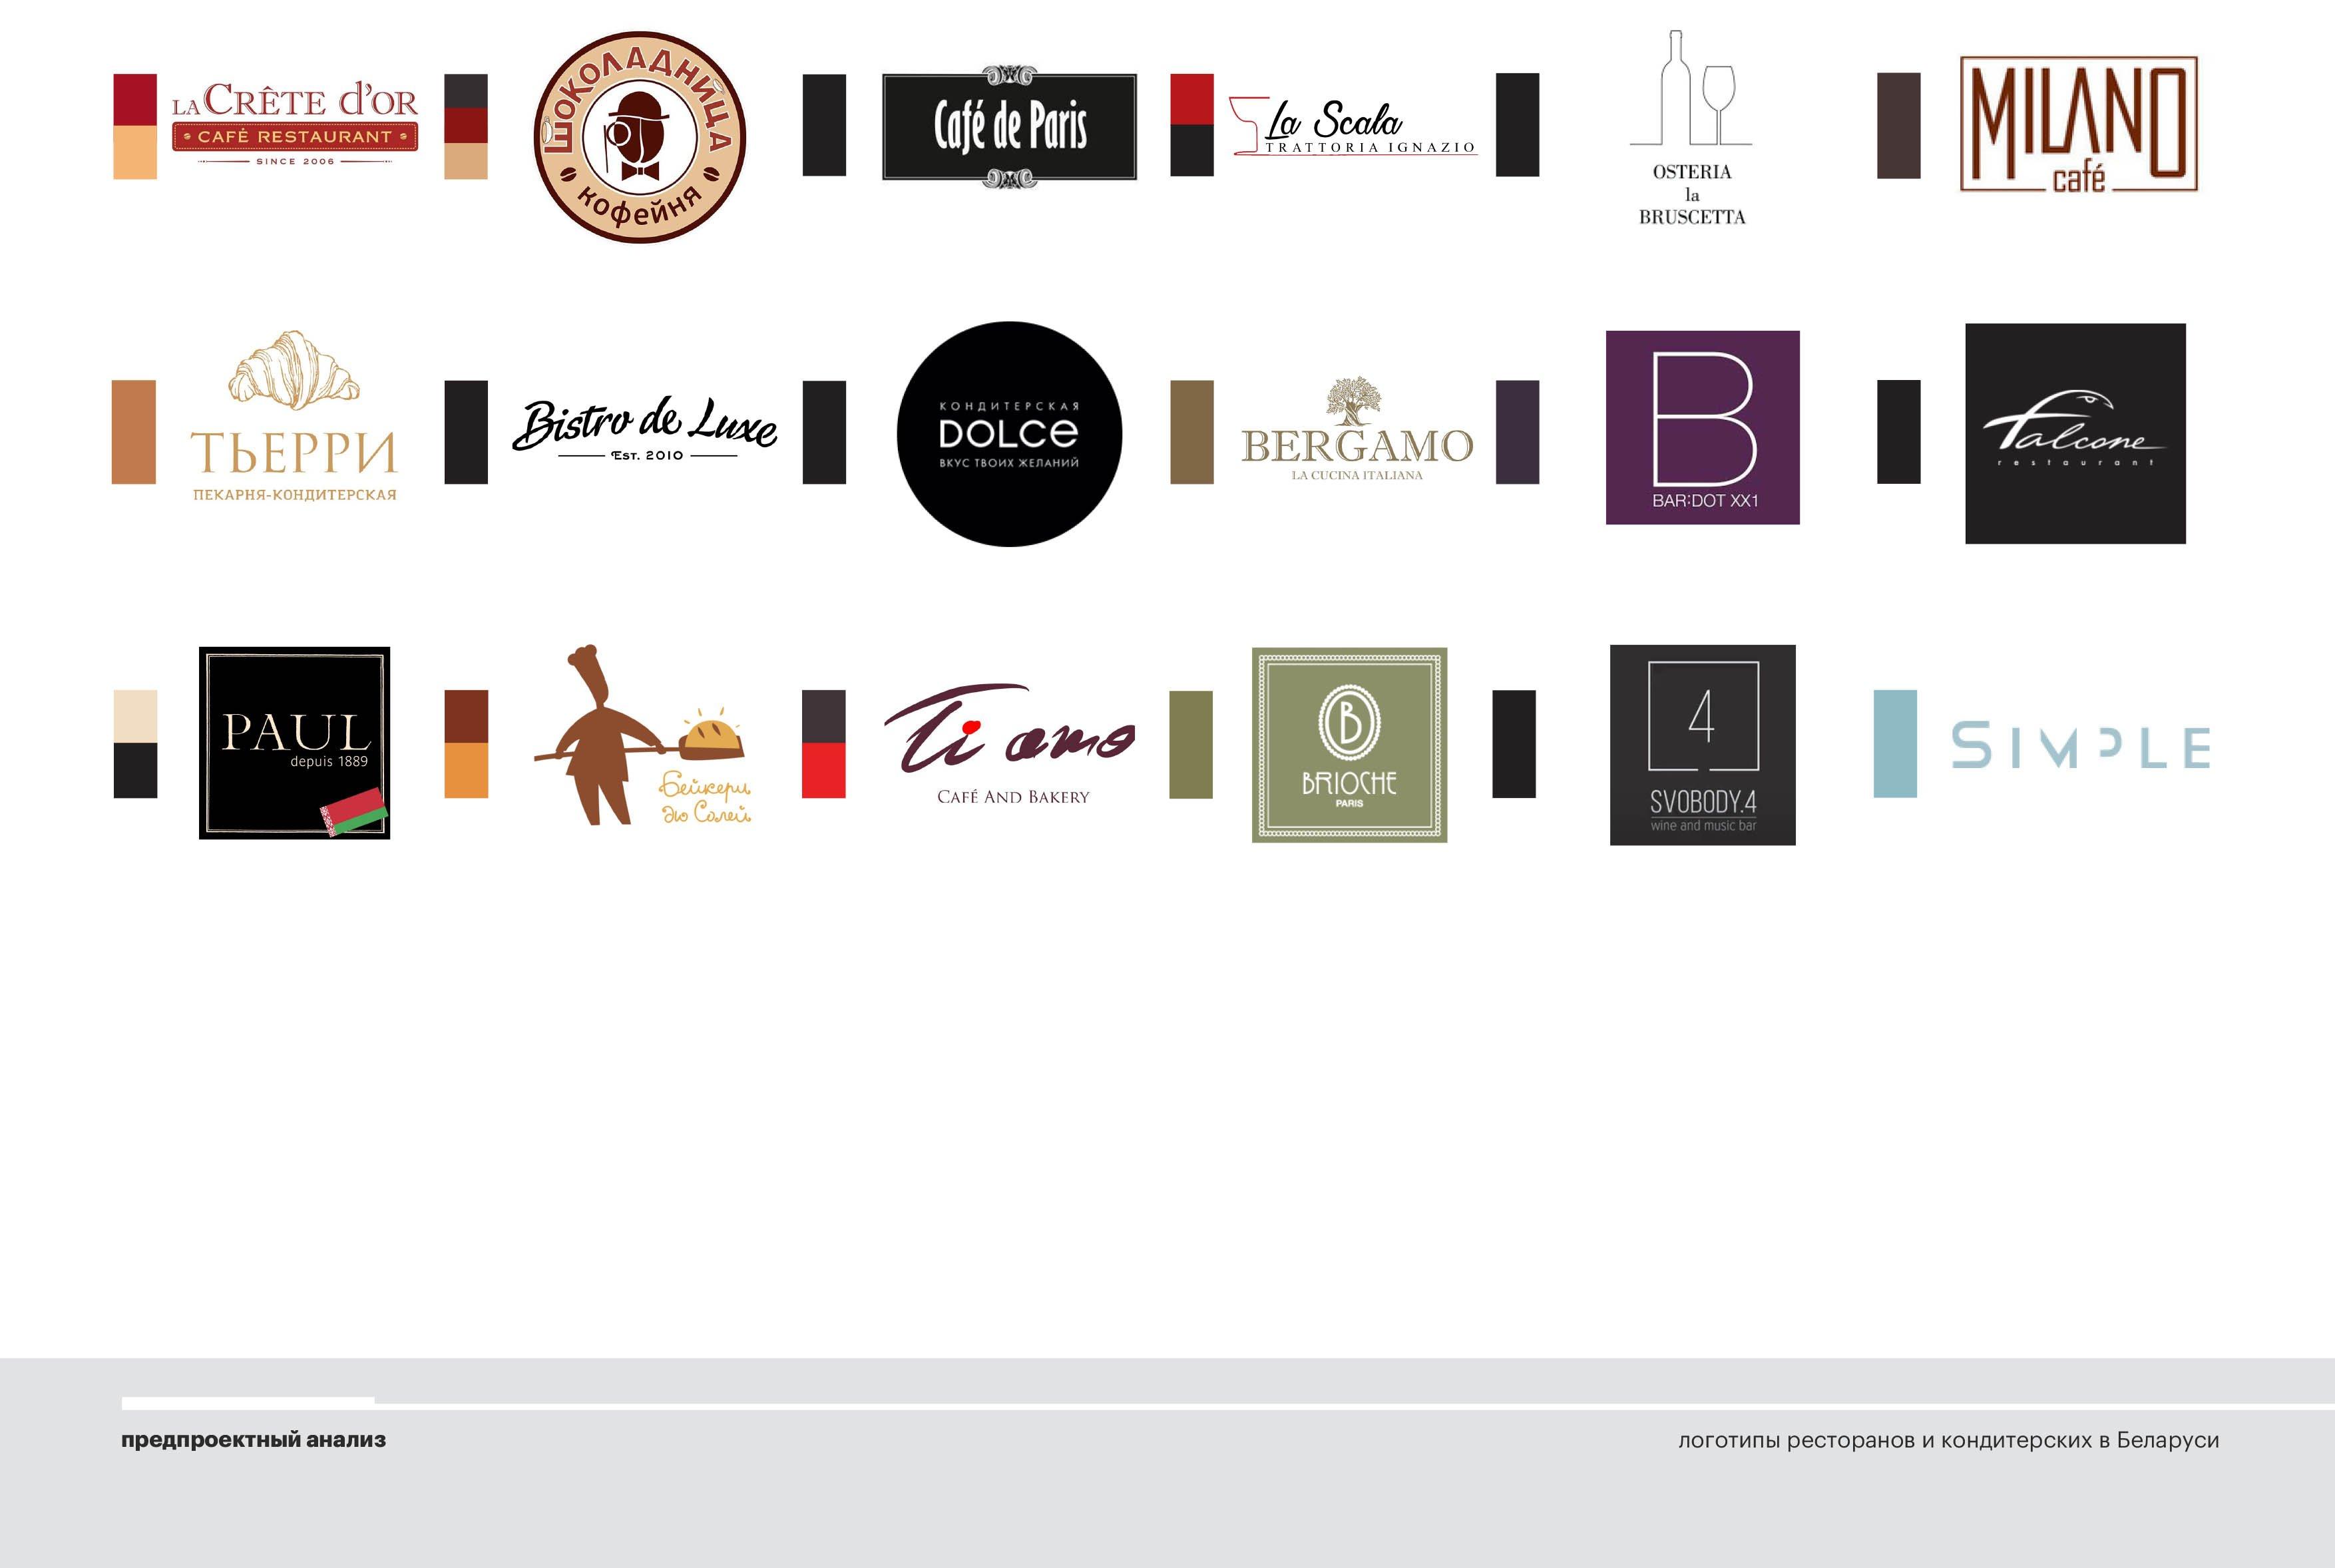 Дизайн-исследование логотипов ресторанов и кондитерских